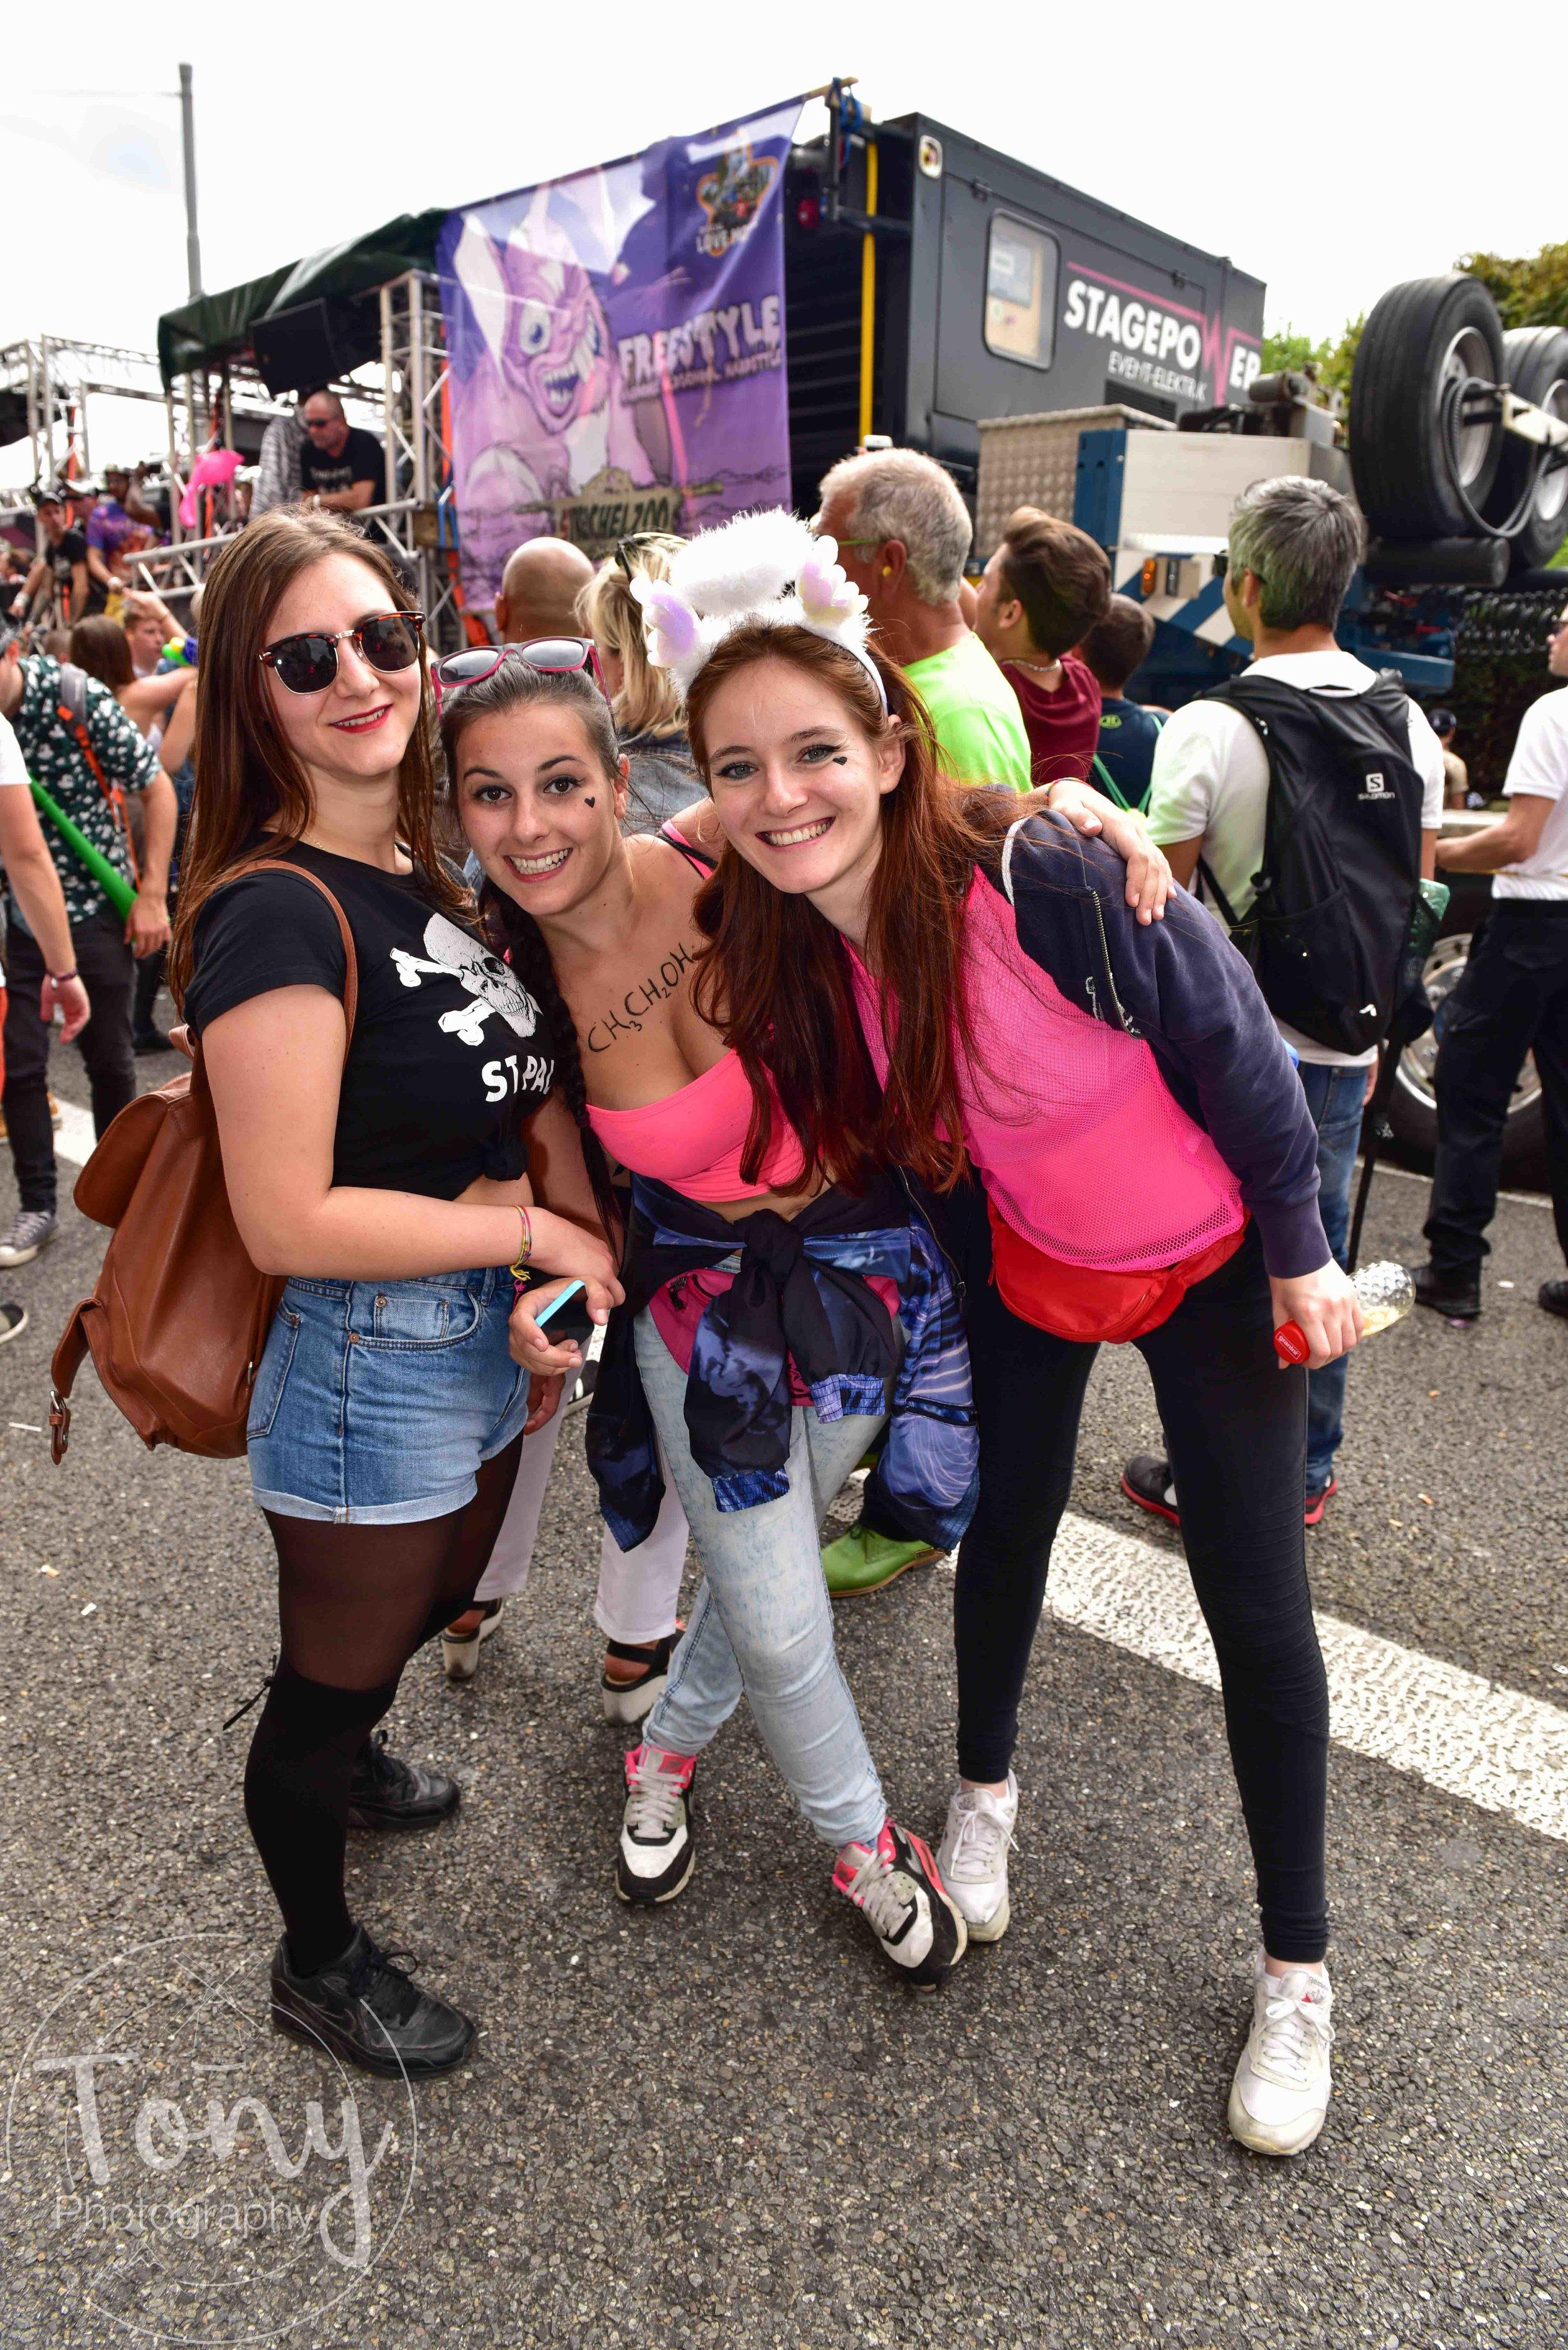 streetparade-127.jpg